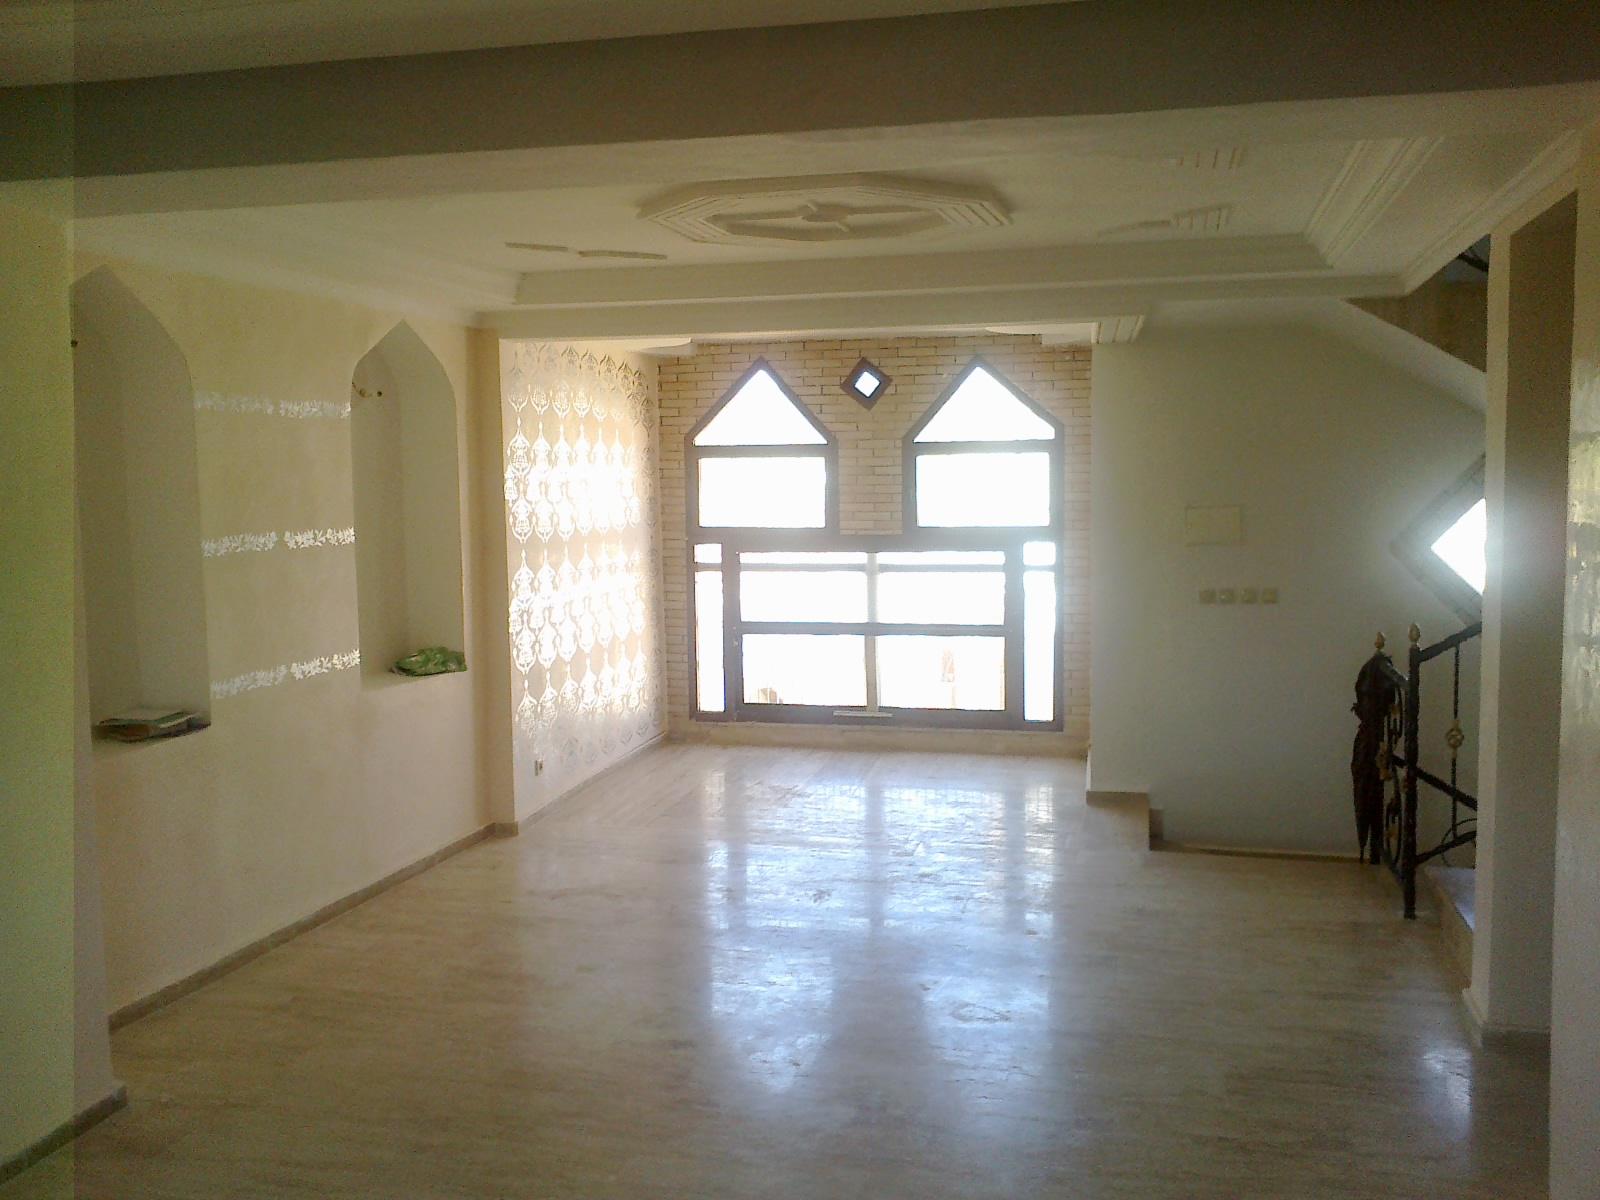 Carrelage Mural Salle De Bain Autocollant ~ immobilier kenitra maroc prix immobilier kenitra pas cher p16